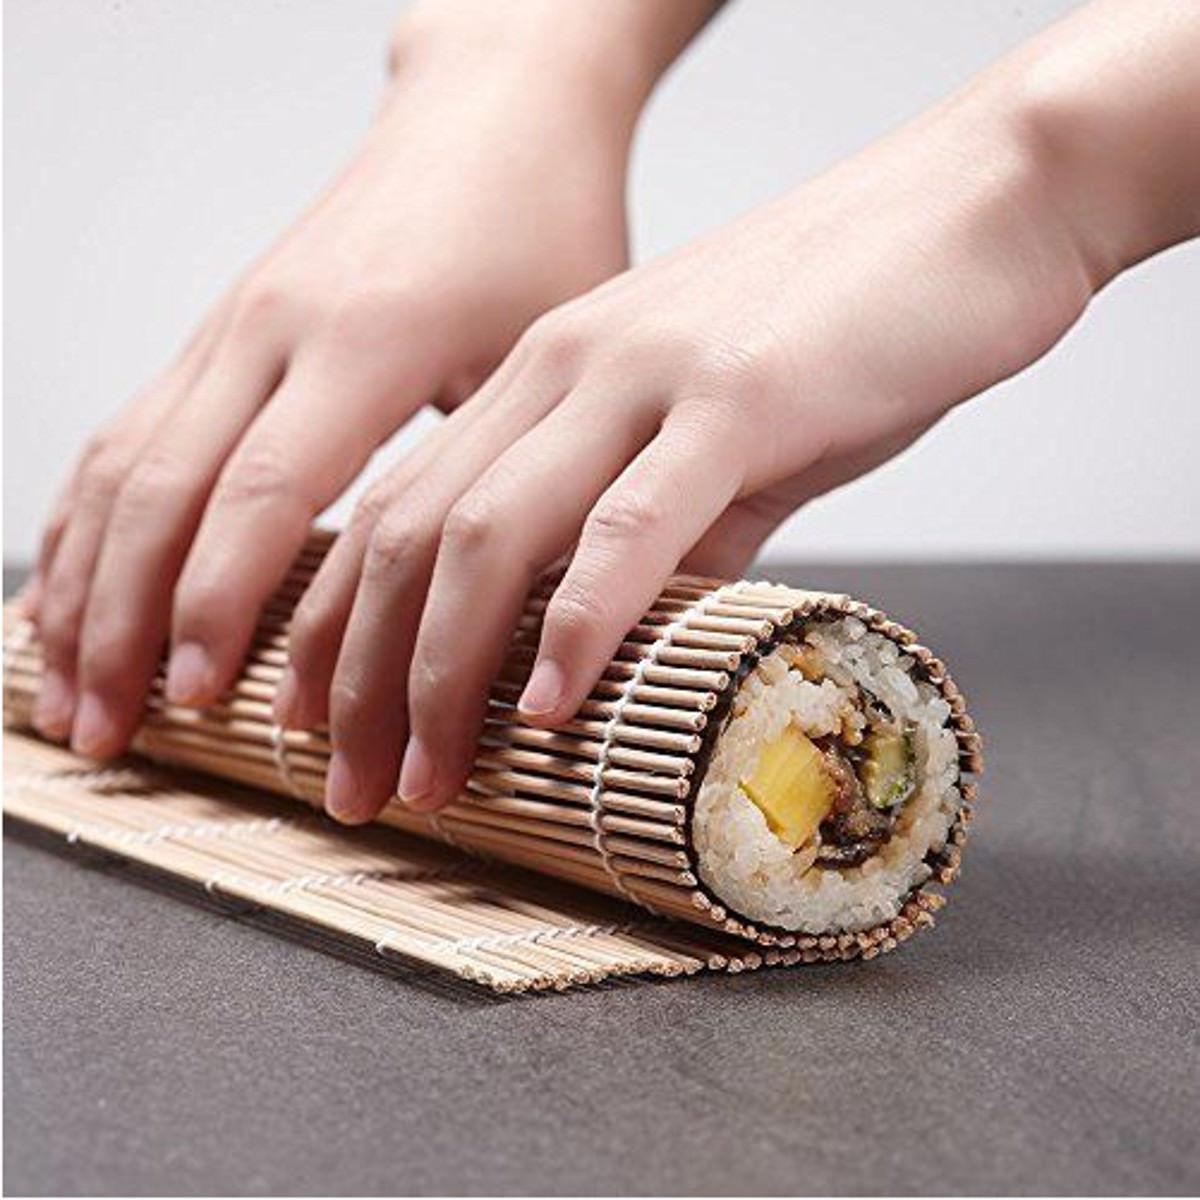 Кухонные ножи и прочие приборы Горячие 9pcs / set sushi roller bamboo mat spoon палочки для приготовления пищи (Фото 1)